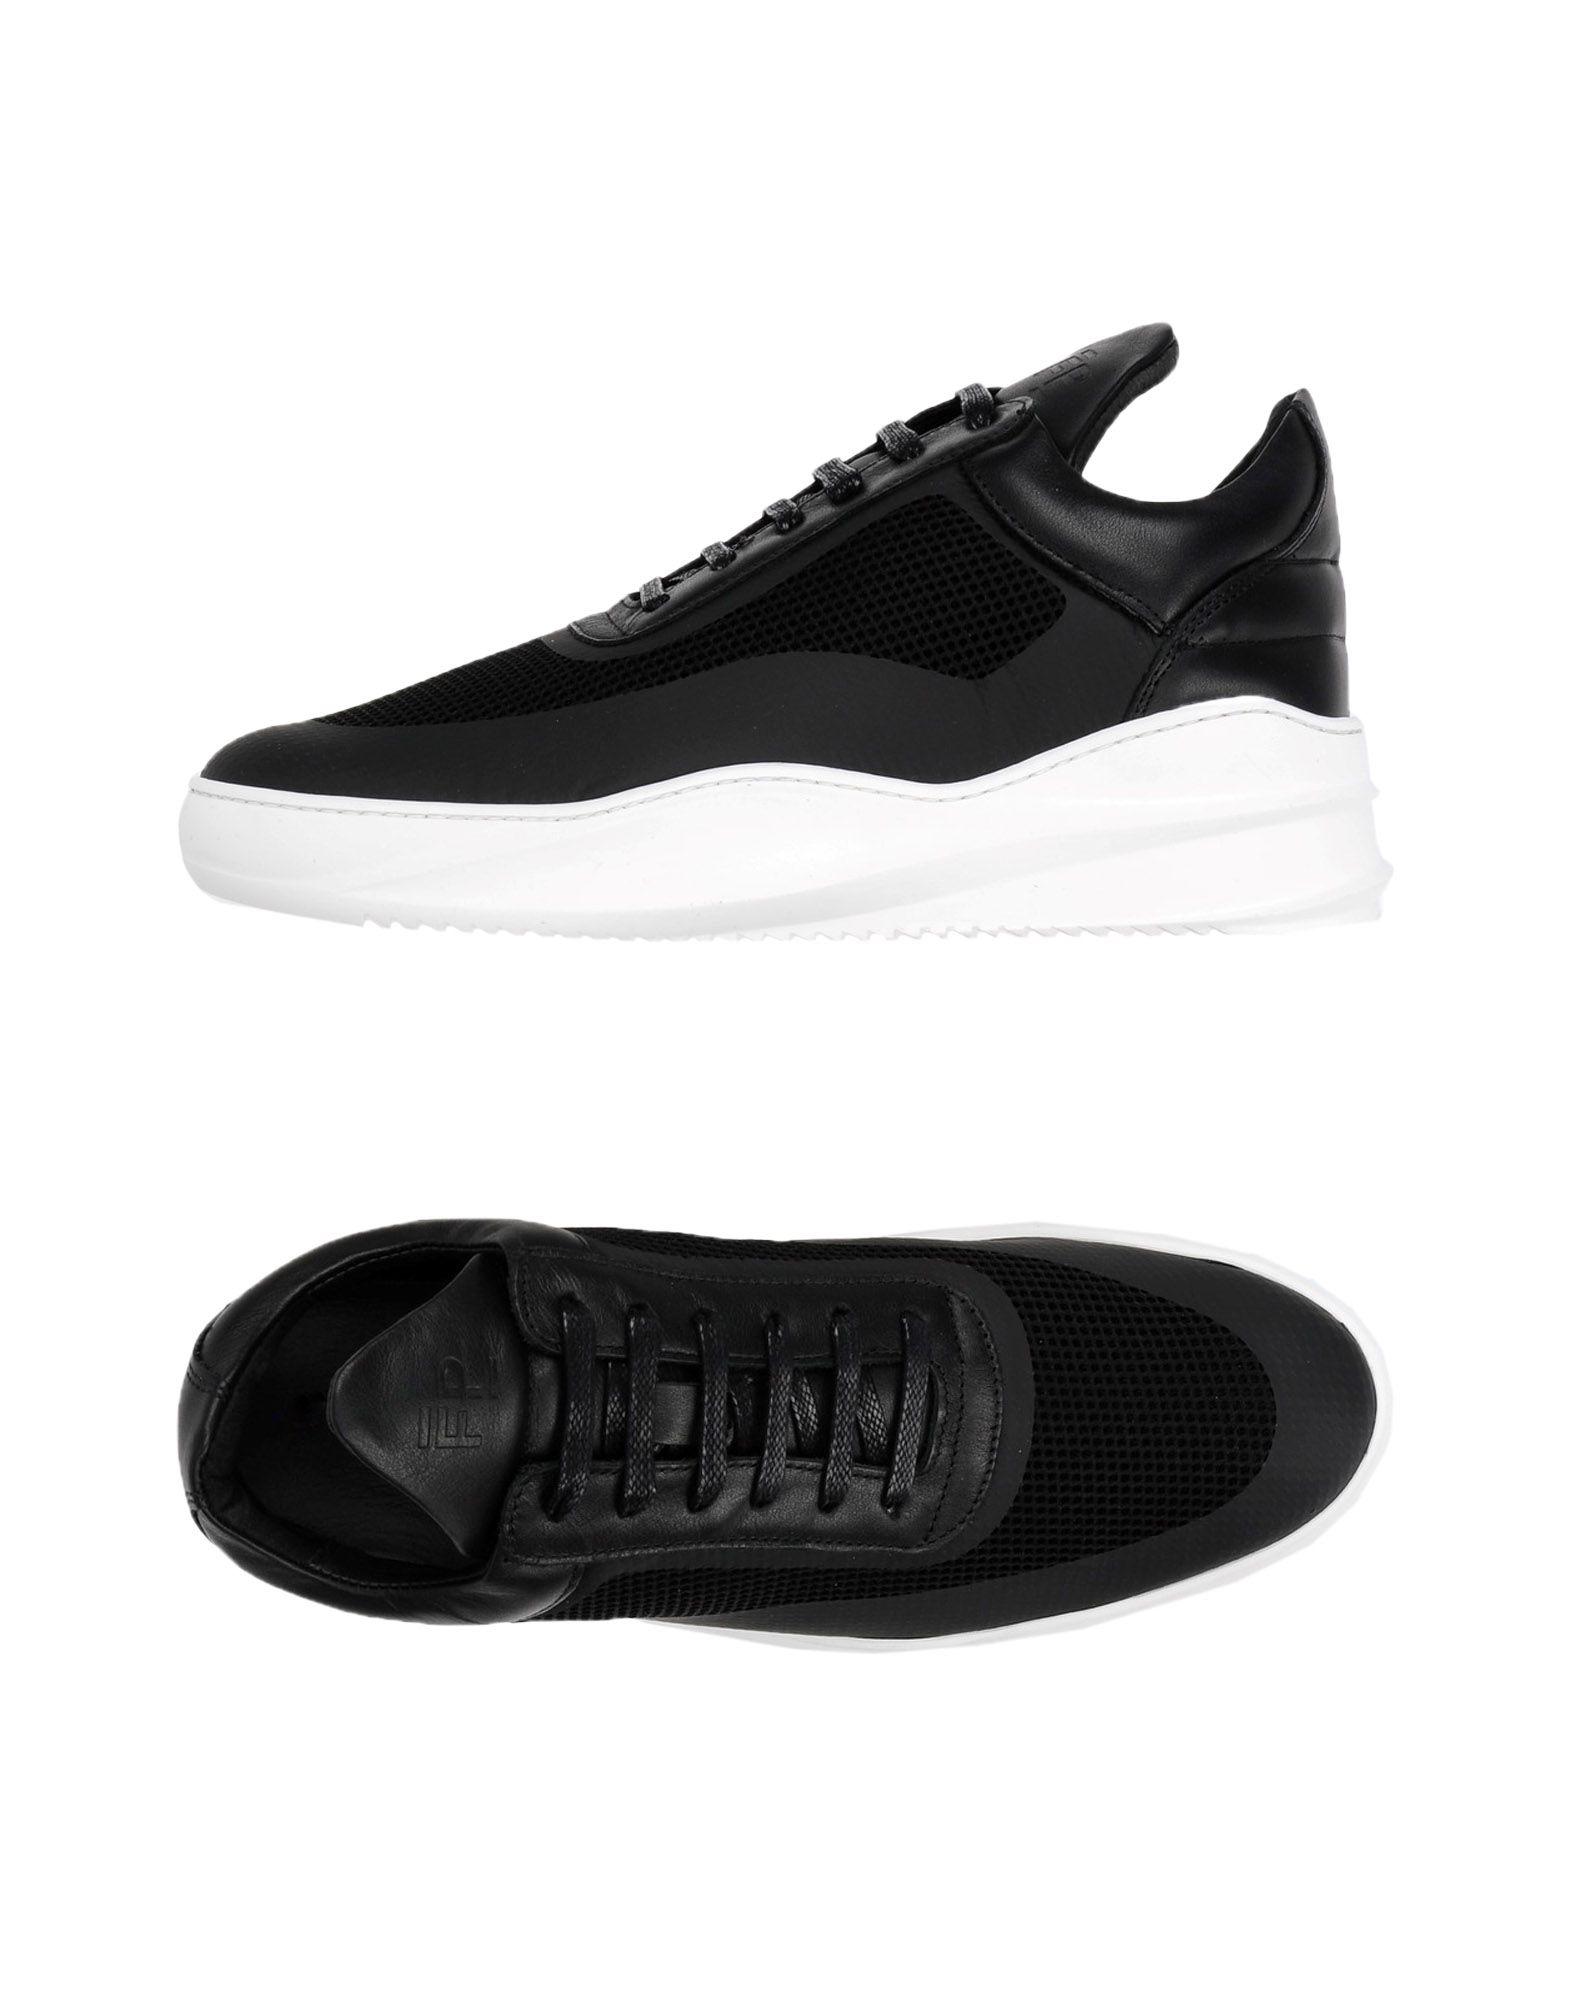 Sneakers Filling Pieces Homme - Sneakers Filling Pieces  Noir Confortable et belle